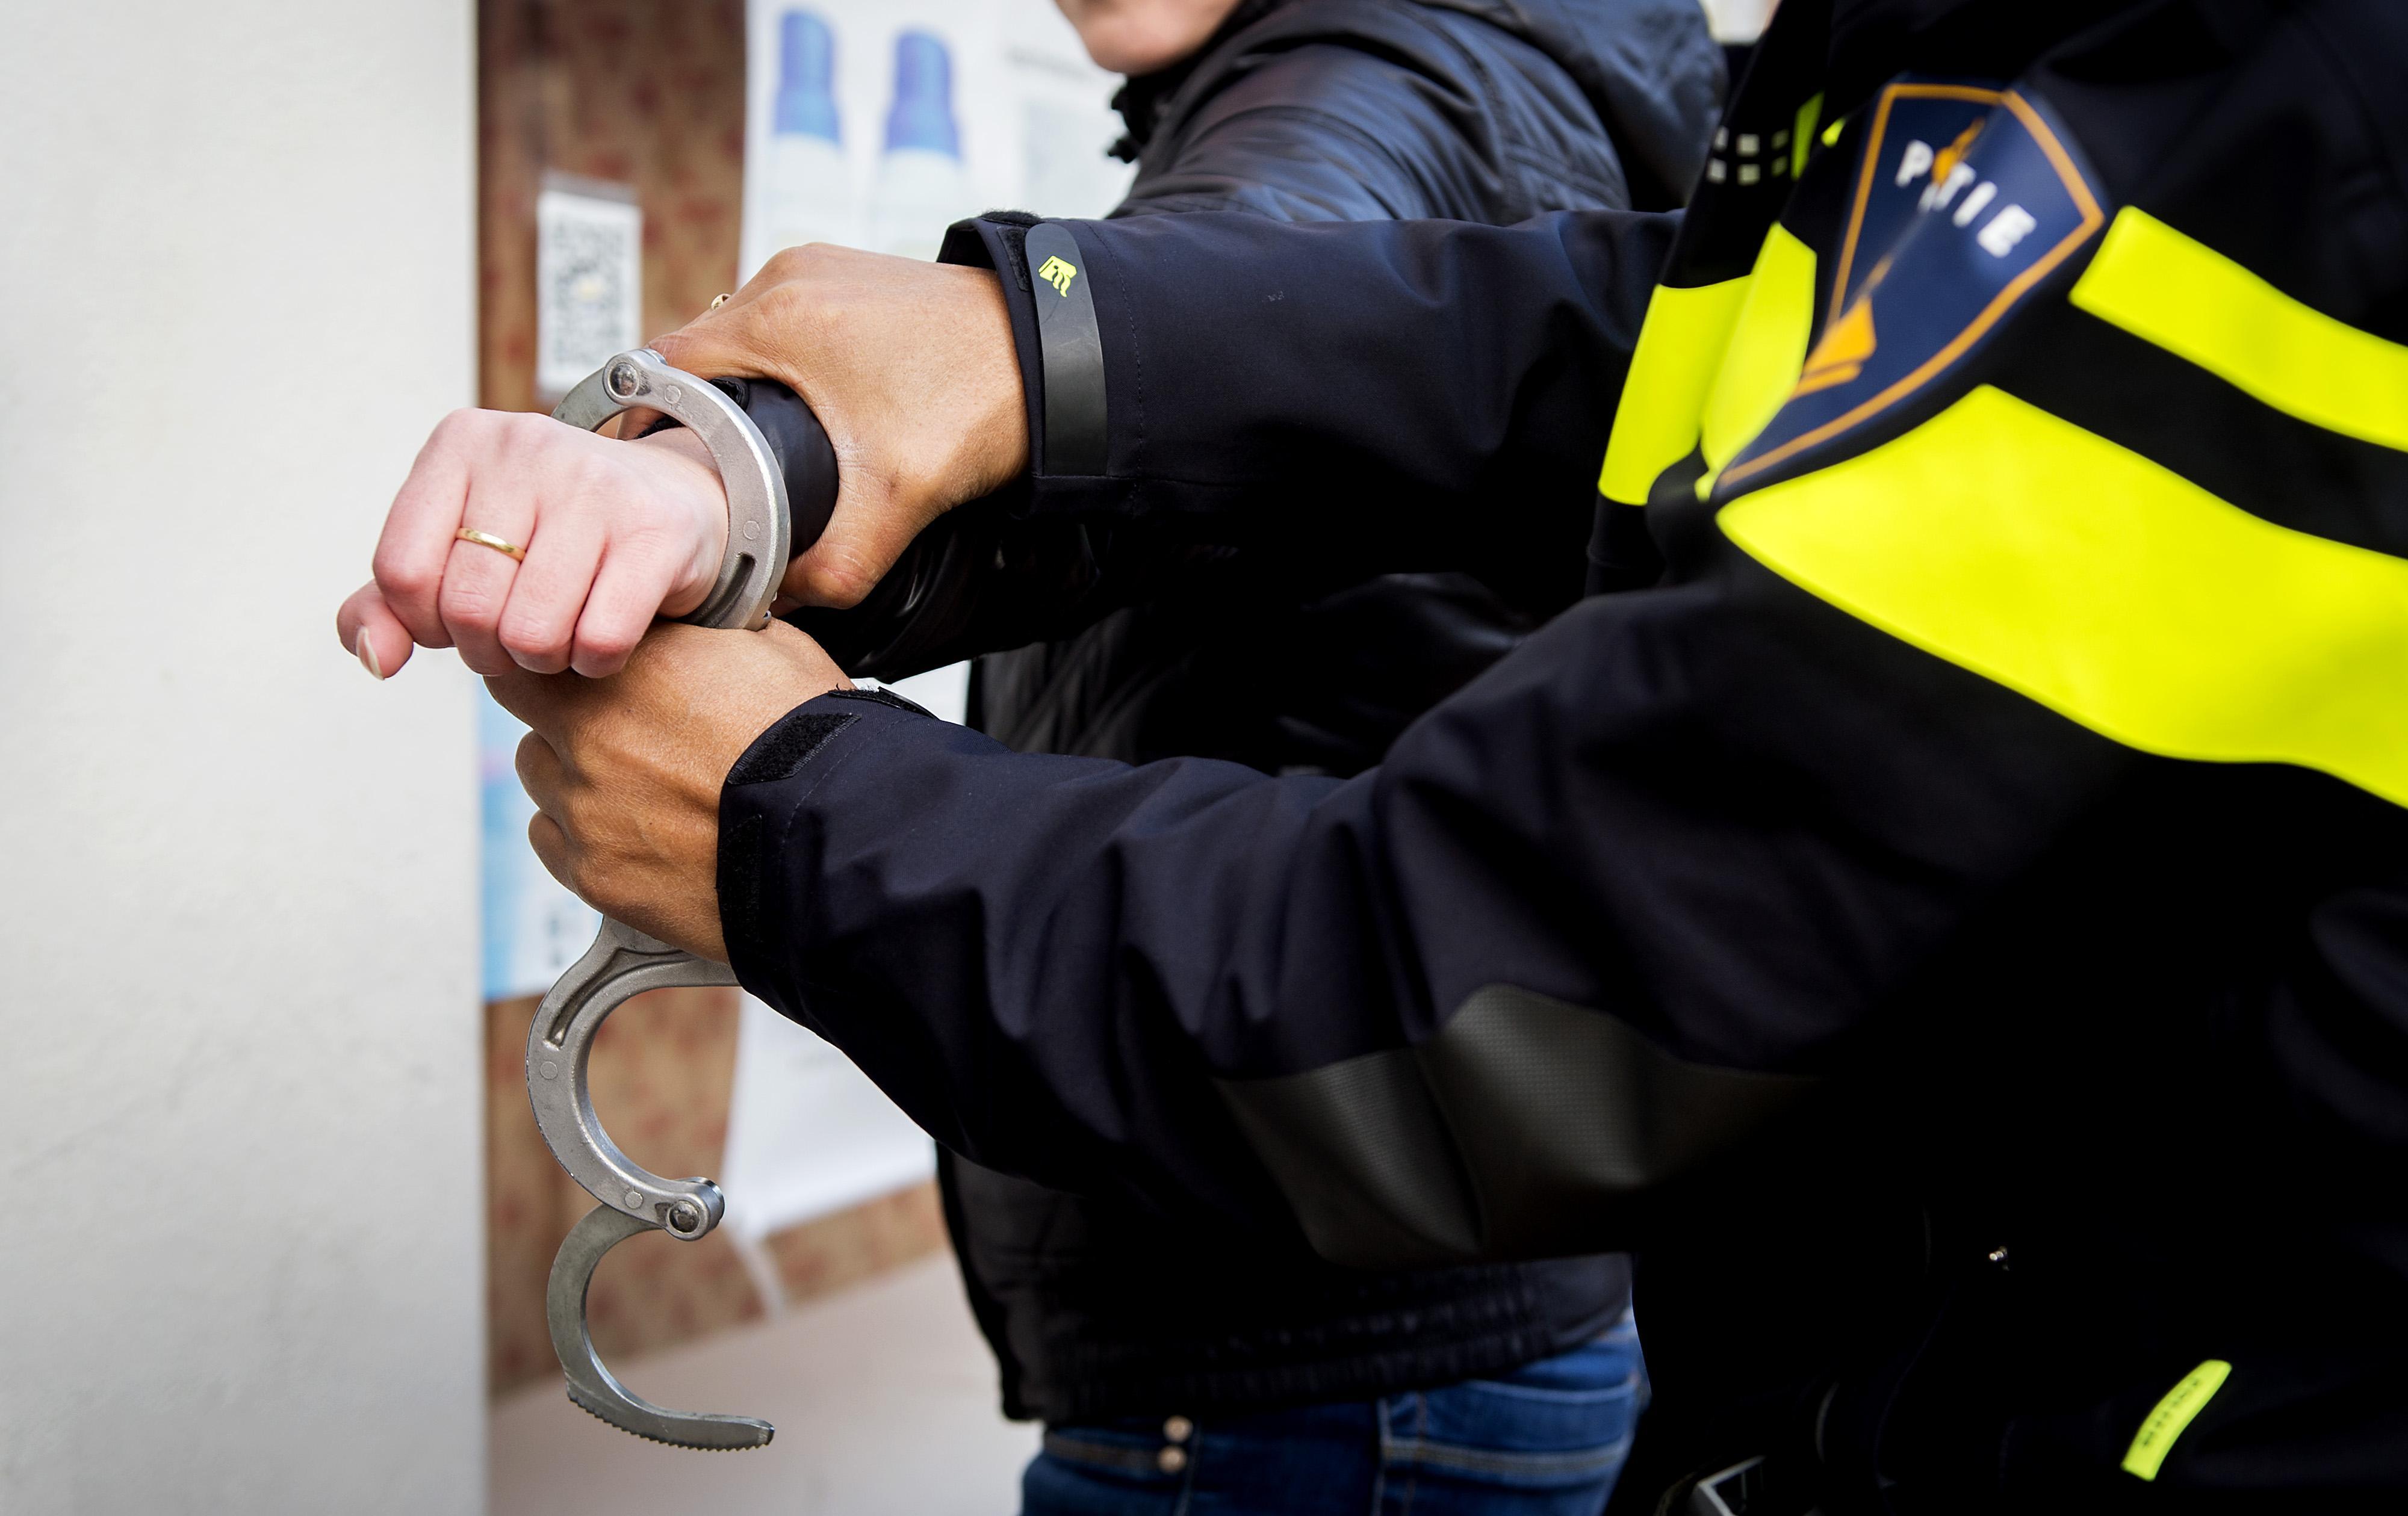 Leidenaar (21) aangehouden voor aanranding